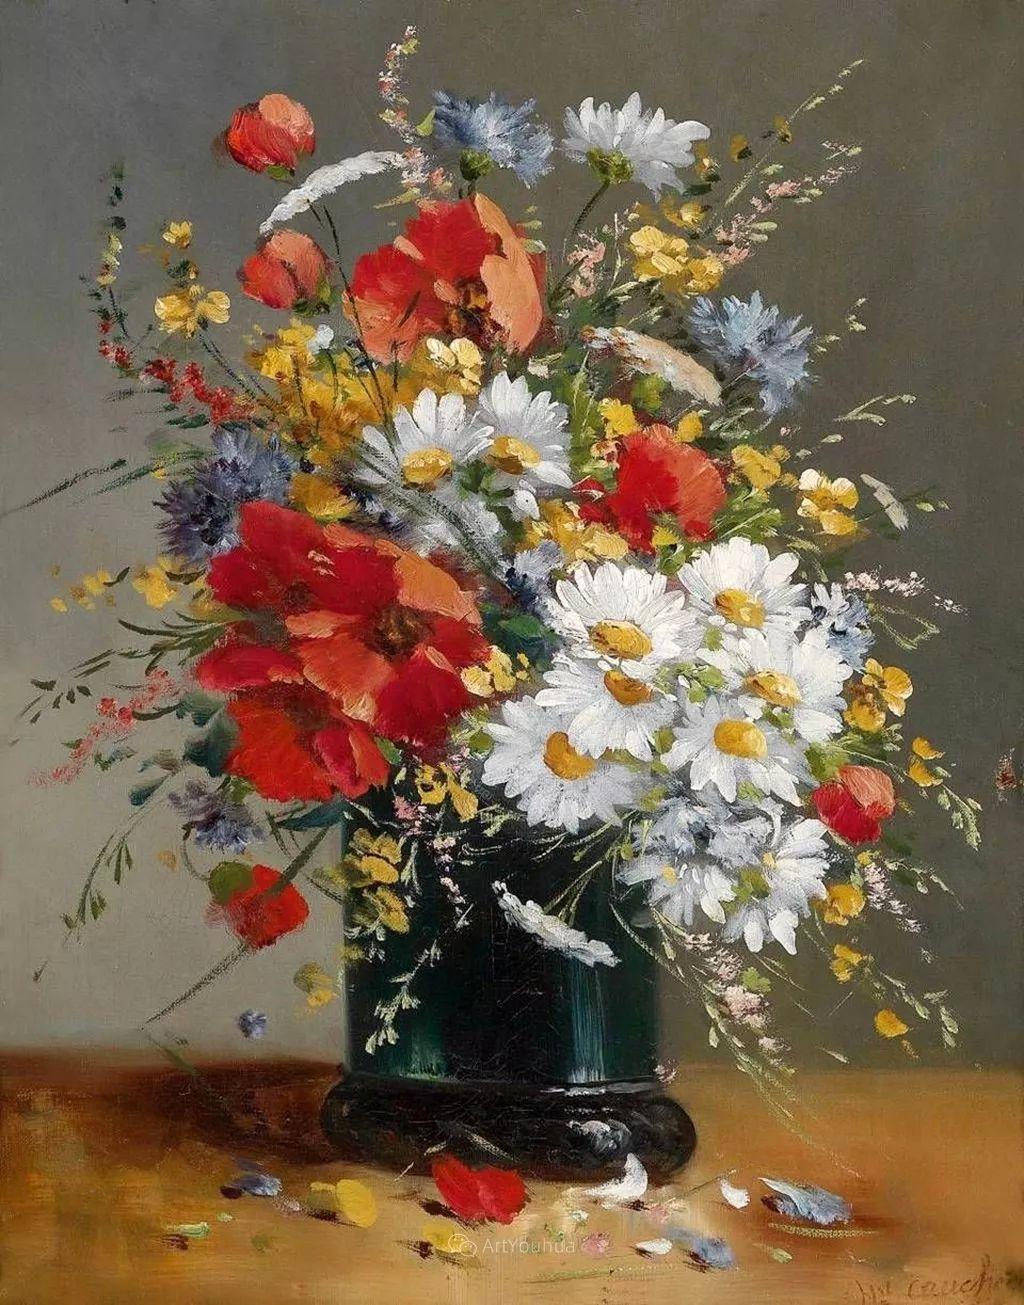 花卉的绽放之美,法国艺术家Eugene Henri Cauchois插图11